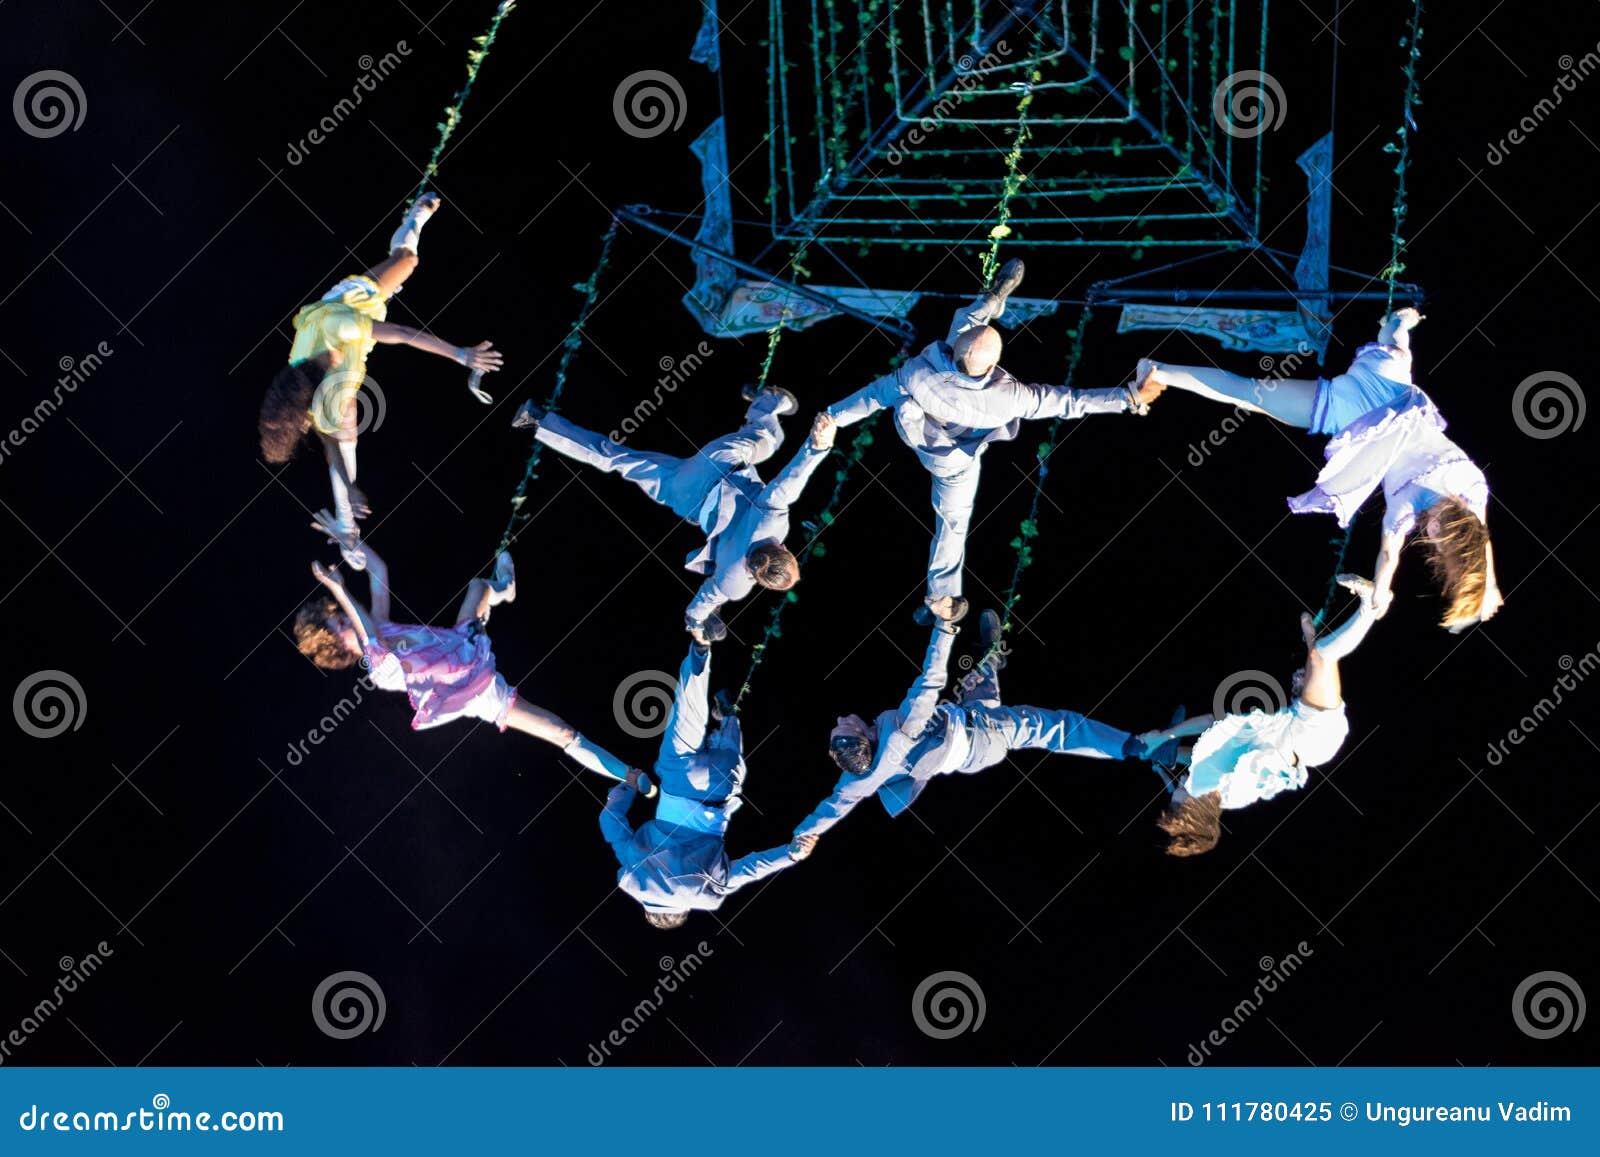 SIBIU, RUMÄNIEN - 17. JUNI 2016: Mitglieder des VOALA stationieren die Ausführung im Großen Quadrat, während internationalen Thea